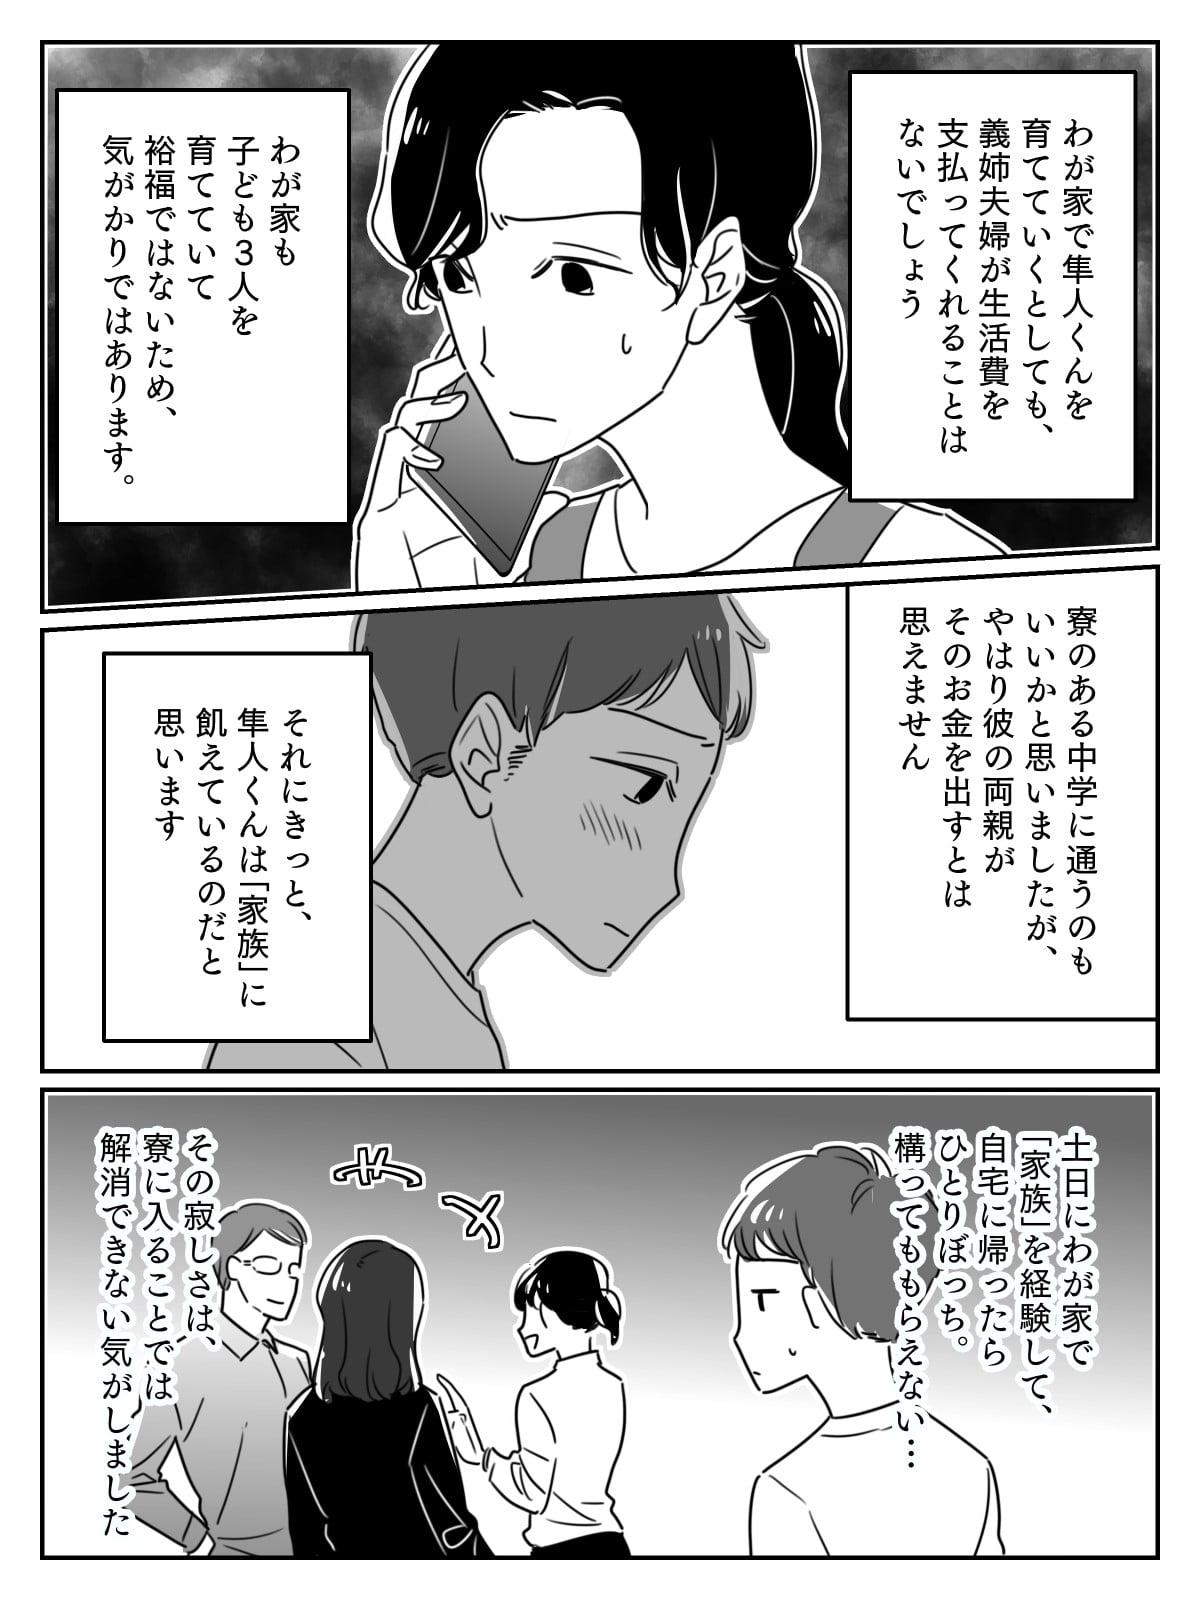 【中編】義姉夫婦が育児放棄?